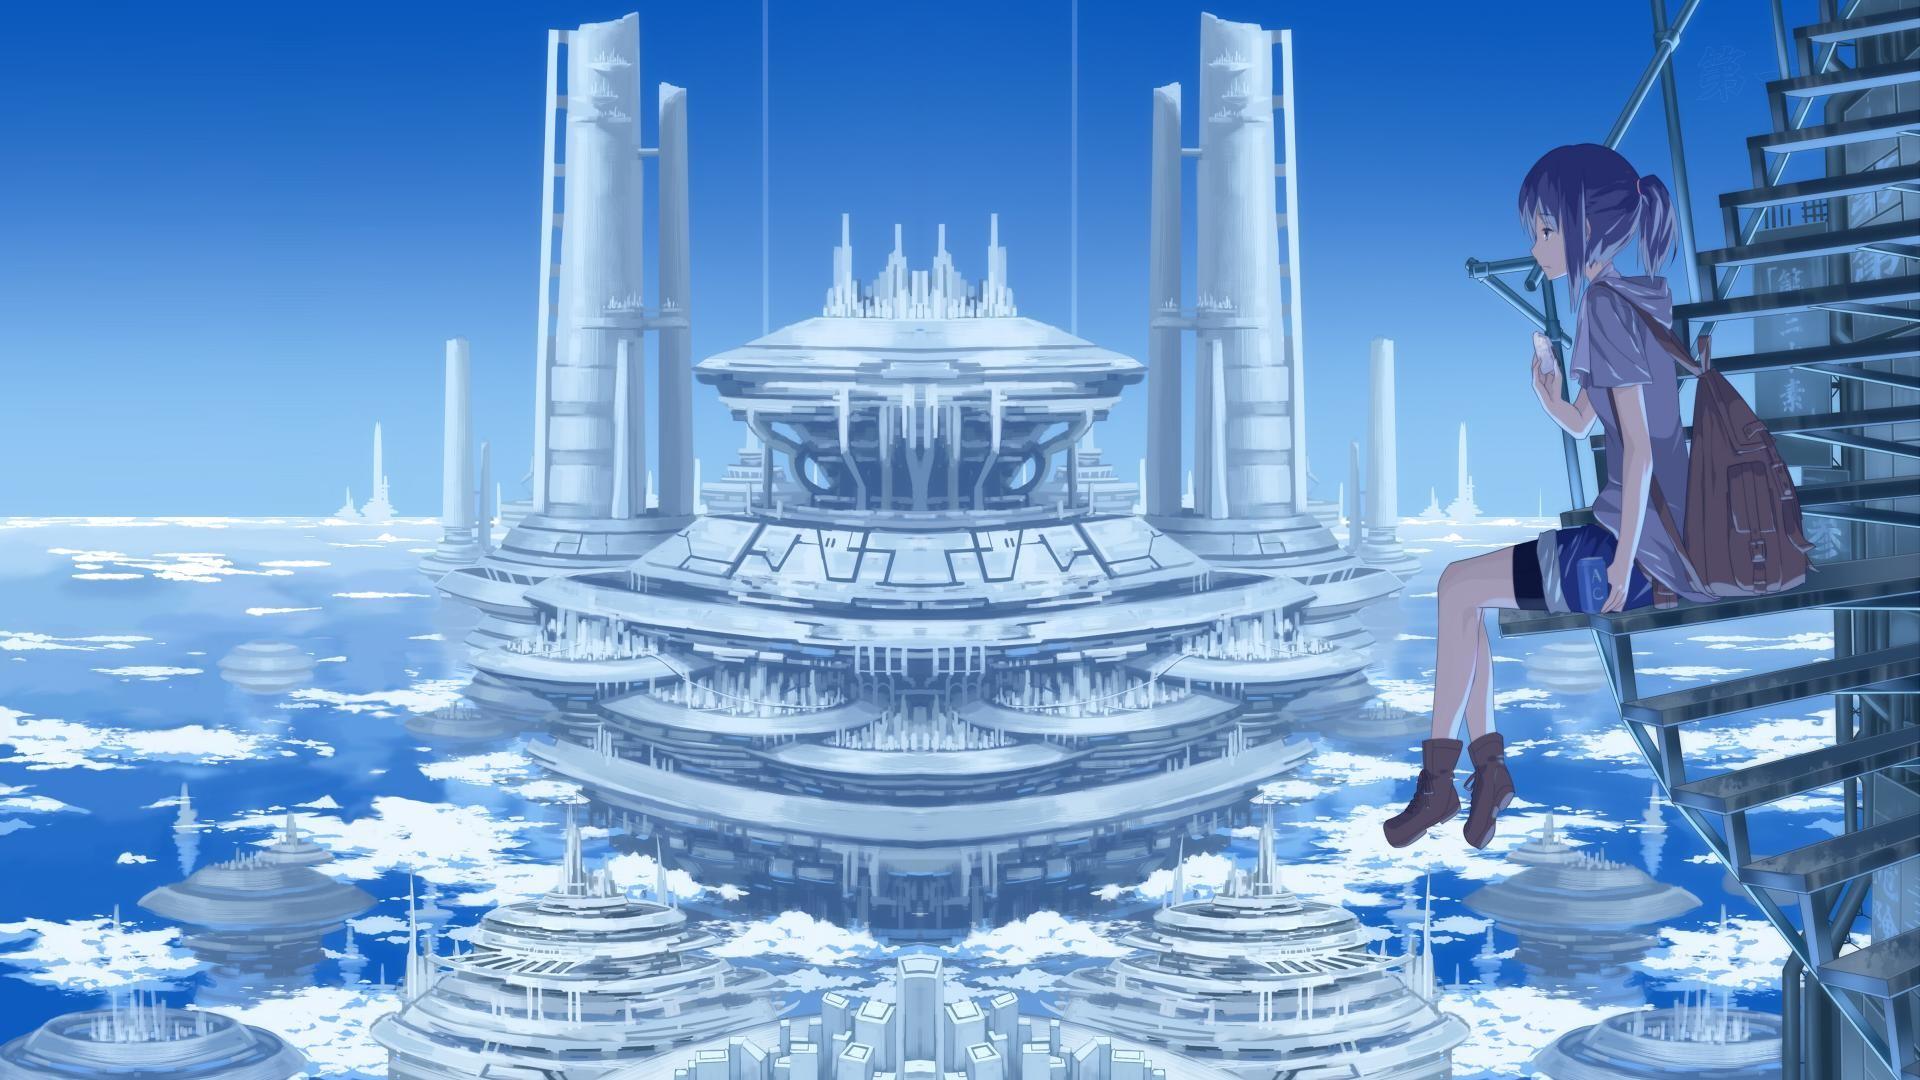 1920x1080, Anime Scenery Wallpaper 7988 8298 Hd Wallpapers - Scenery Anime Desktop Background - HD Wallpaper